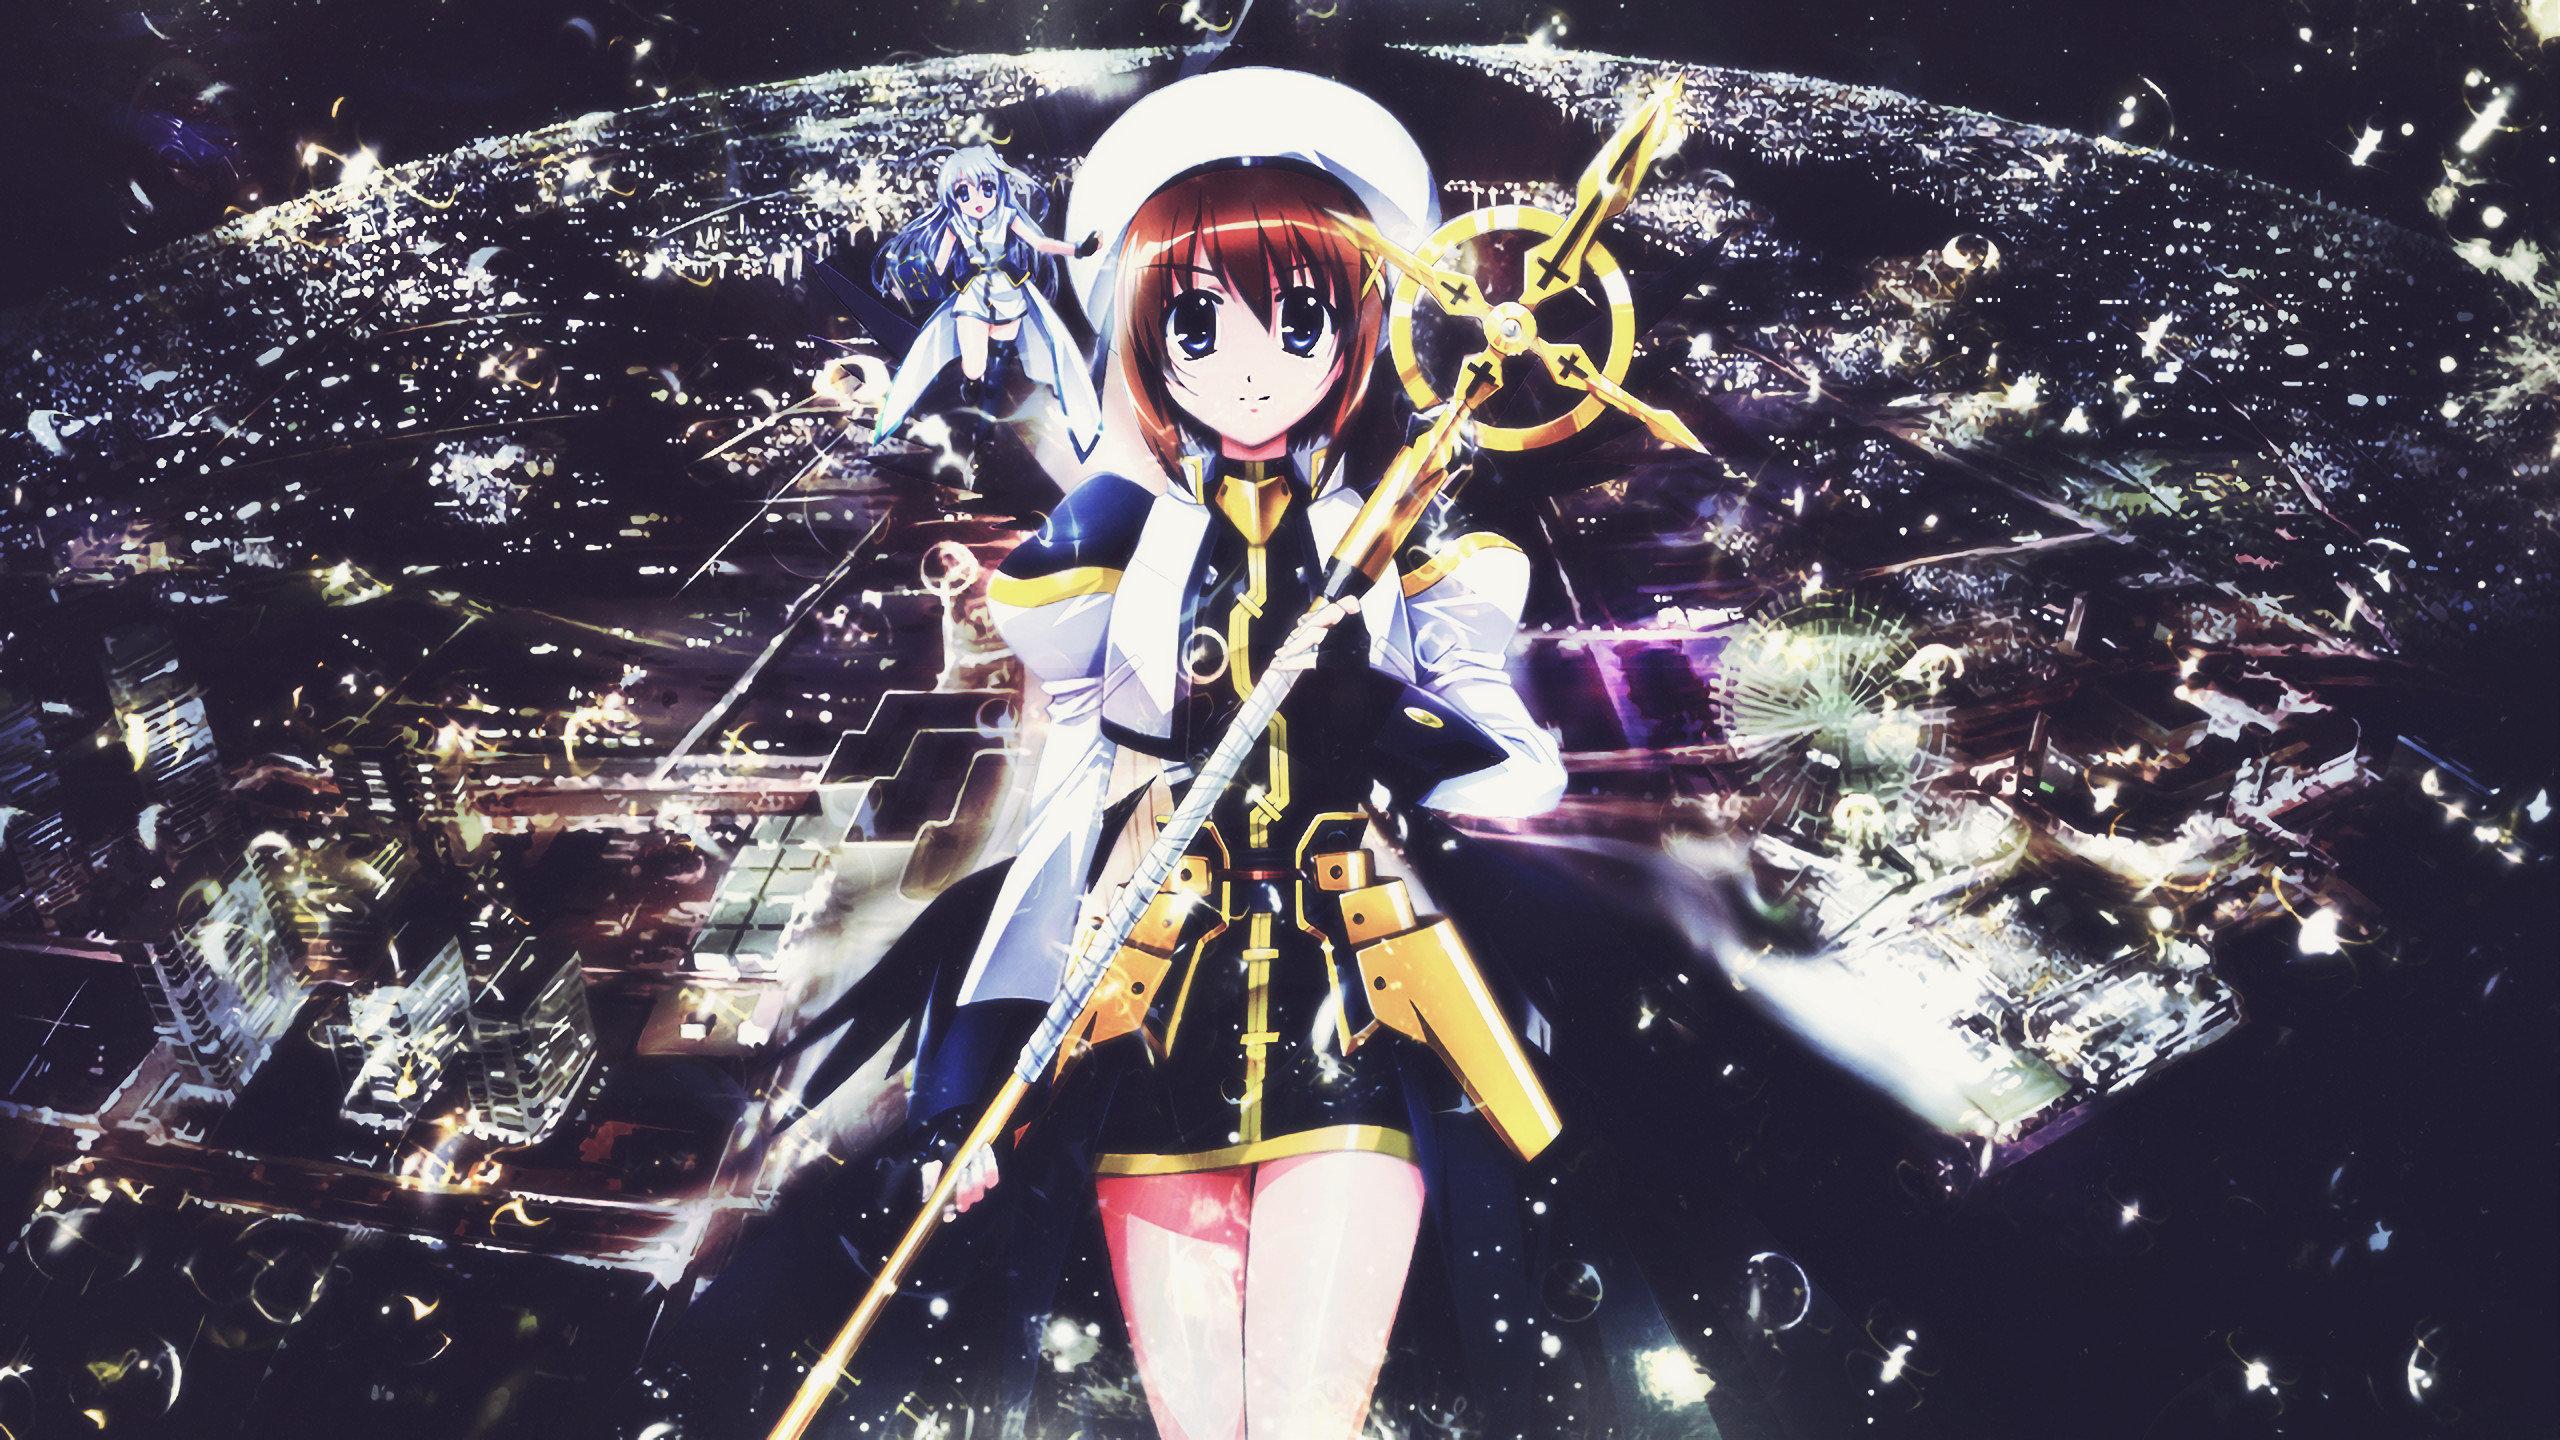 Magical Girl Lyrical Nanoha wallpapers 2560x1440 desktop backgrounds 2560x1440